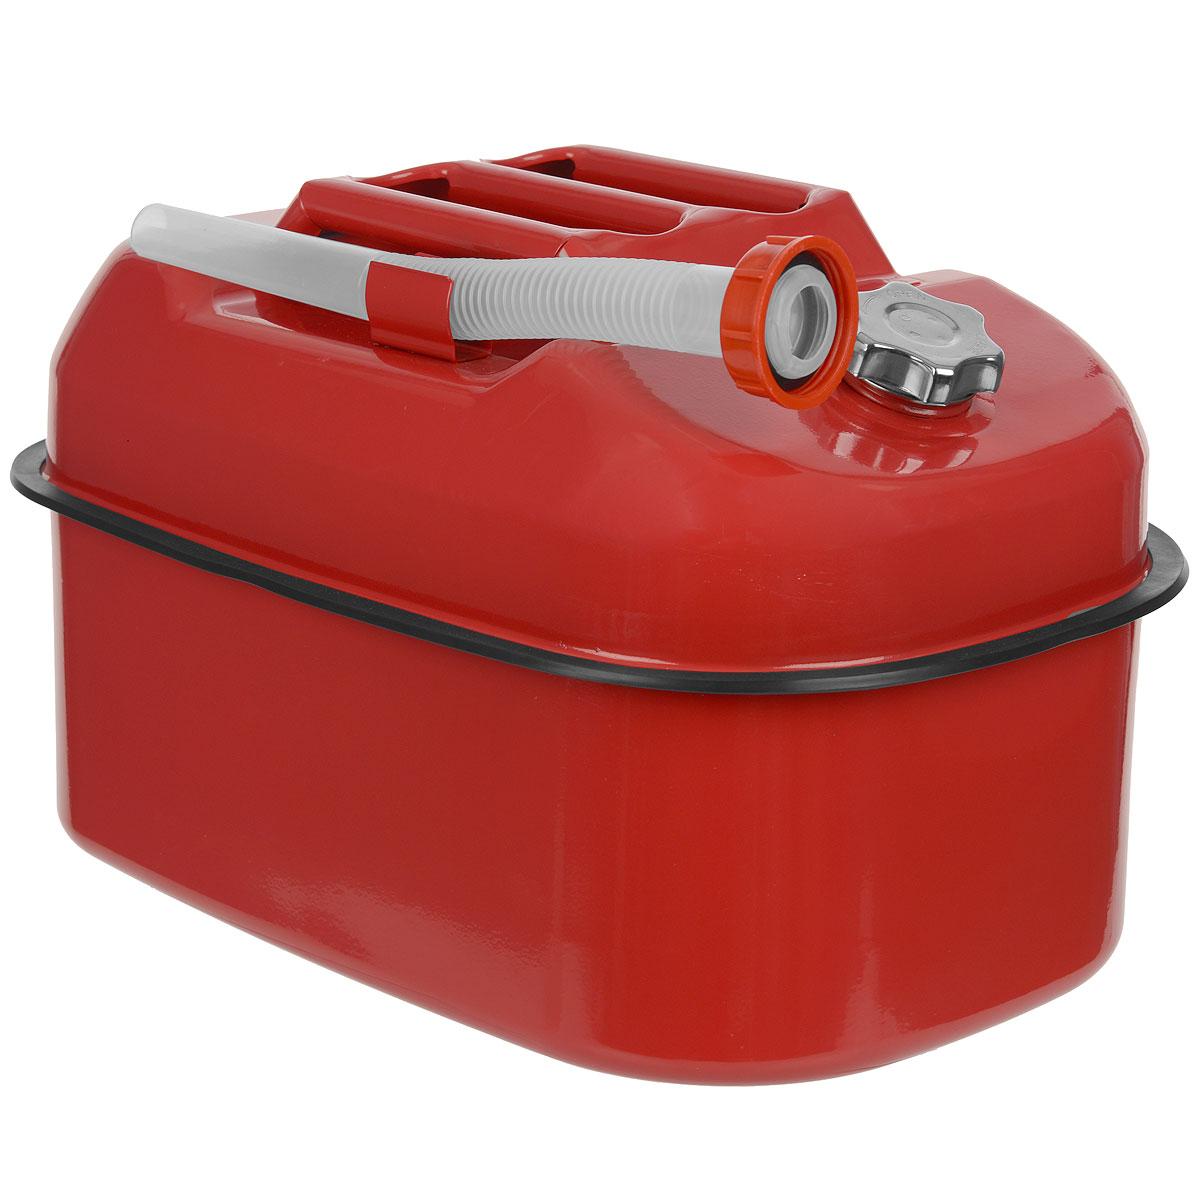 Канистра стальная Autoprofi, горизонтальная, 20 лKAN-500 (20L)Горизонтальная 20-литровая канистра Autoprofi особенно удобна для перевозки топлива в багажнике автомобиля, на квадроцикле, снегоходе или в катере. Горизонтальное распределение центра тяжести снижает риск опрокидывания емкости при транспортировке. Резиновый бортик канистры и отсутствие острых углов защищают от повреждений поверхность изделия и соседние предметы во время движения. Канистра изготовлена из оцинкованной стали, обладающей высокими антикоррозийными свойствами и устойчивостью к агрессивному воздействию залитого топлива. В верхнюю часть канистры встроен регулировочный клапан, который выравнивает давление воздуха внутри емкости с атмосферным, ускоряя процесс заливки и опорожнения. Также с канистрой поставляется длинная гофрированная трубка-лейка. С ее помощью удобно заливать топливо в горловину бака любой конфигурации. Характеристики: Материал: оцинкованная сталь. Цвет: красный. Объем: 20 л. Размер канистры (ДхШхВ): 40 см х 28 см х 27 см. Размер упаковки: 44 см х 31 см х 29 см. Артикул: KAN-500 (20L).